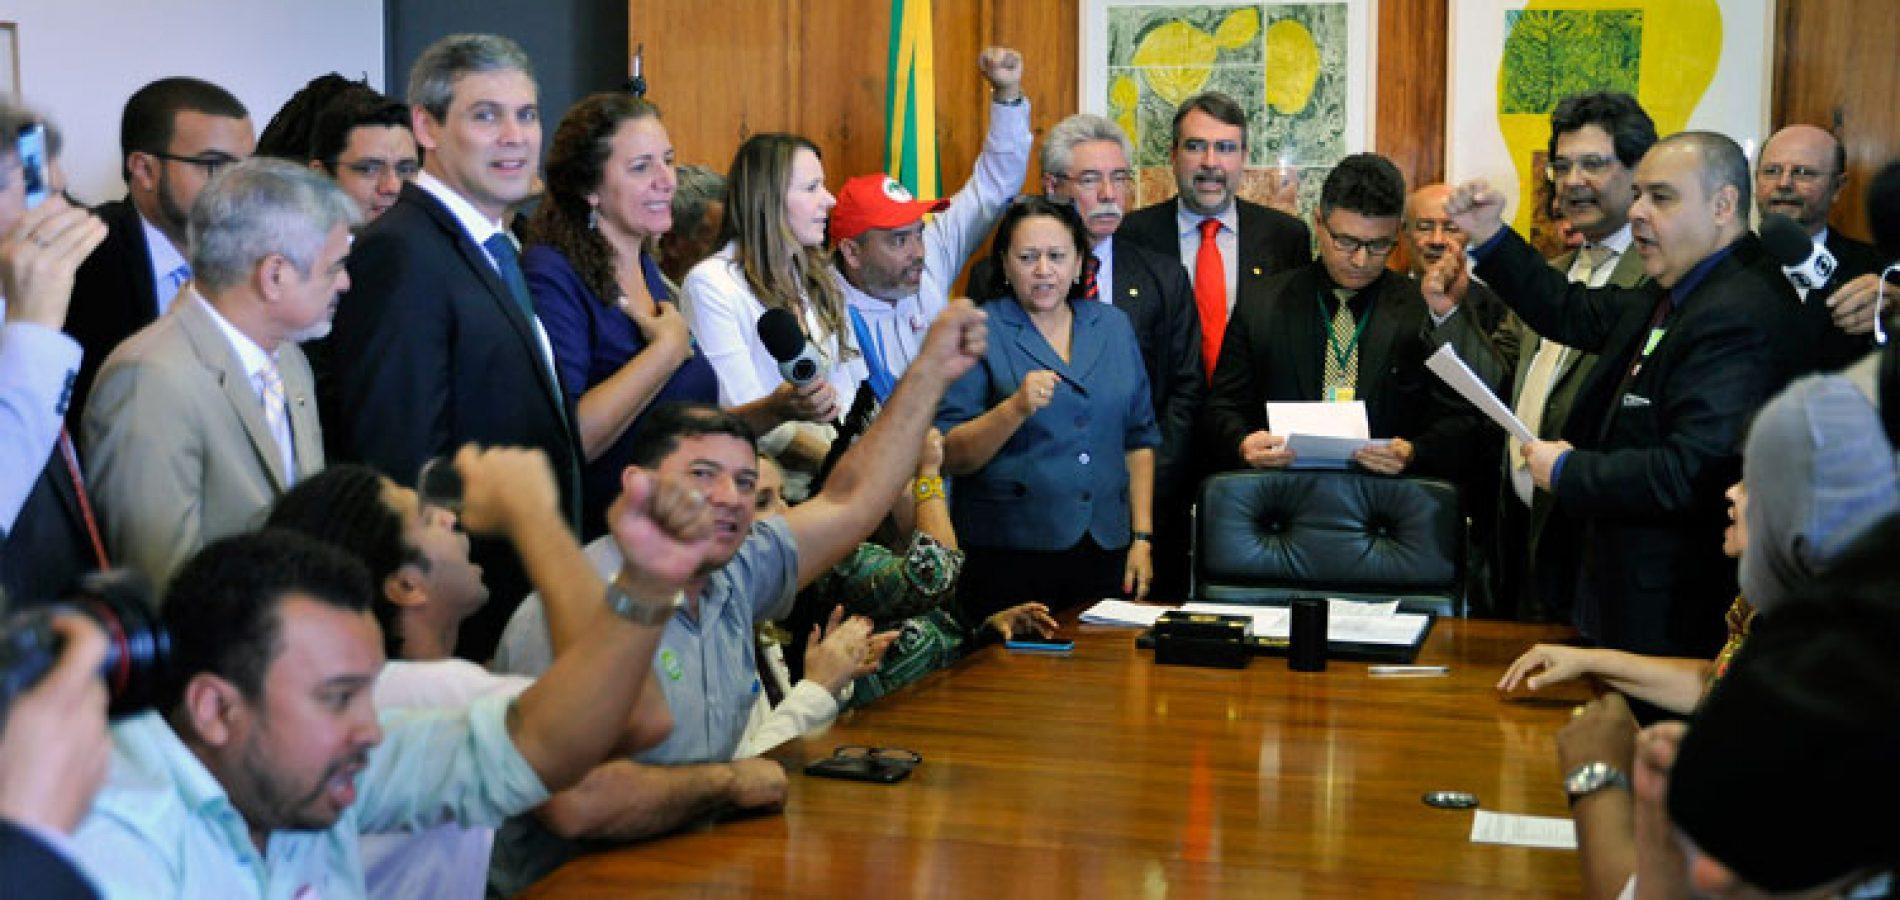 Movimentos sociais protocolam pedido de impeachment de Temer